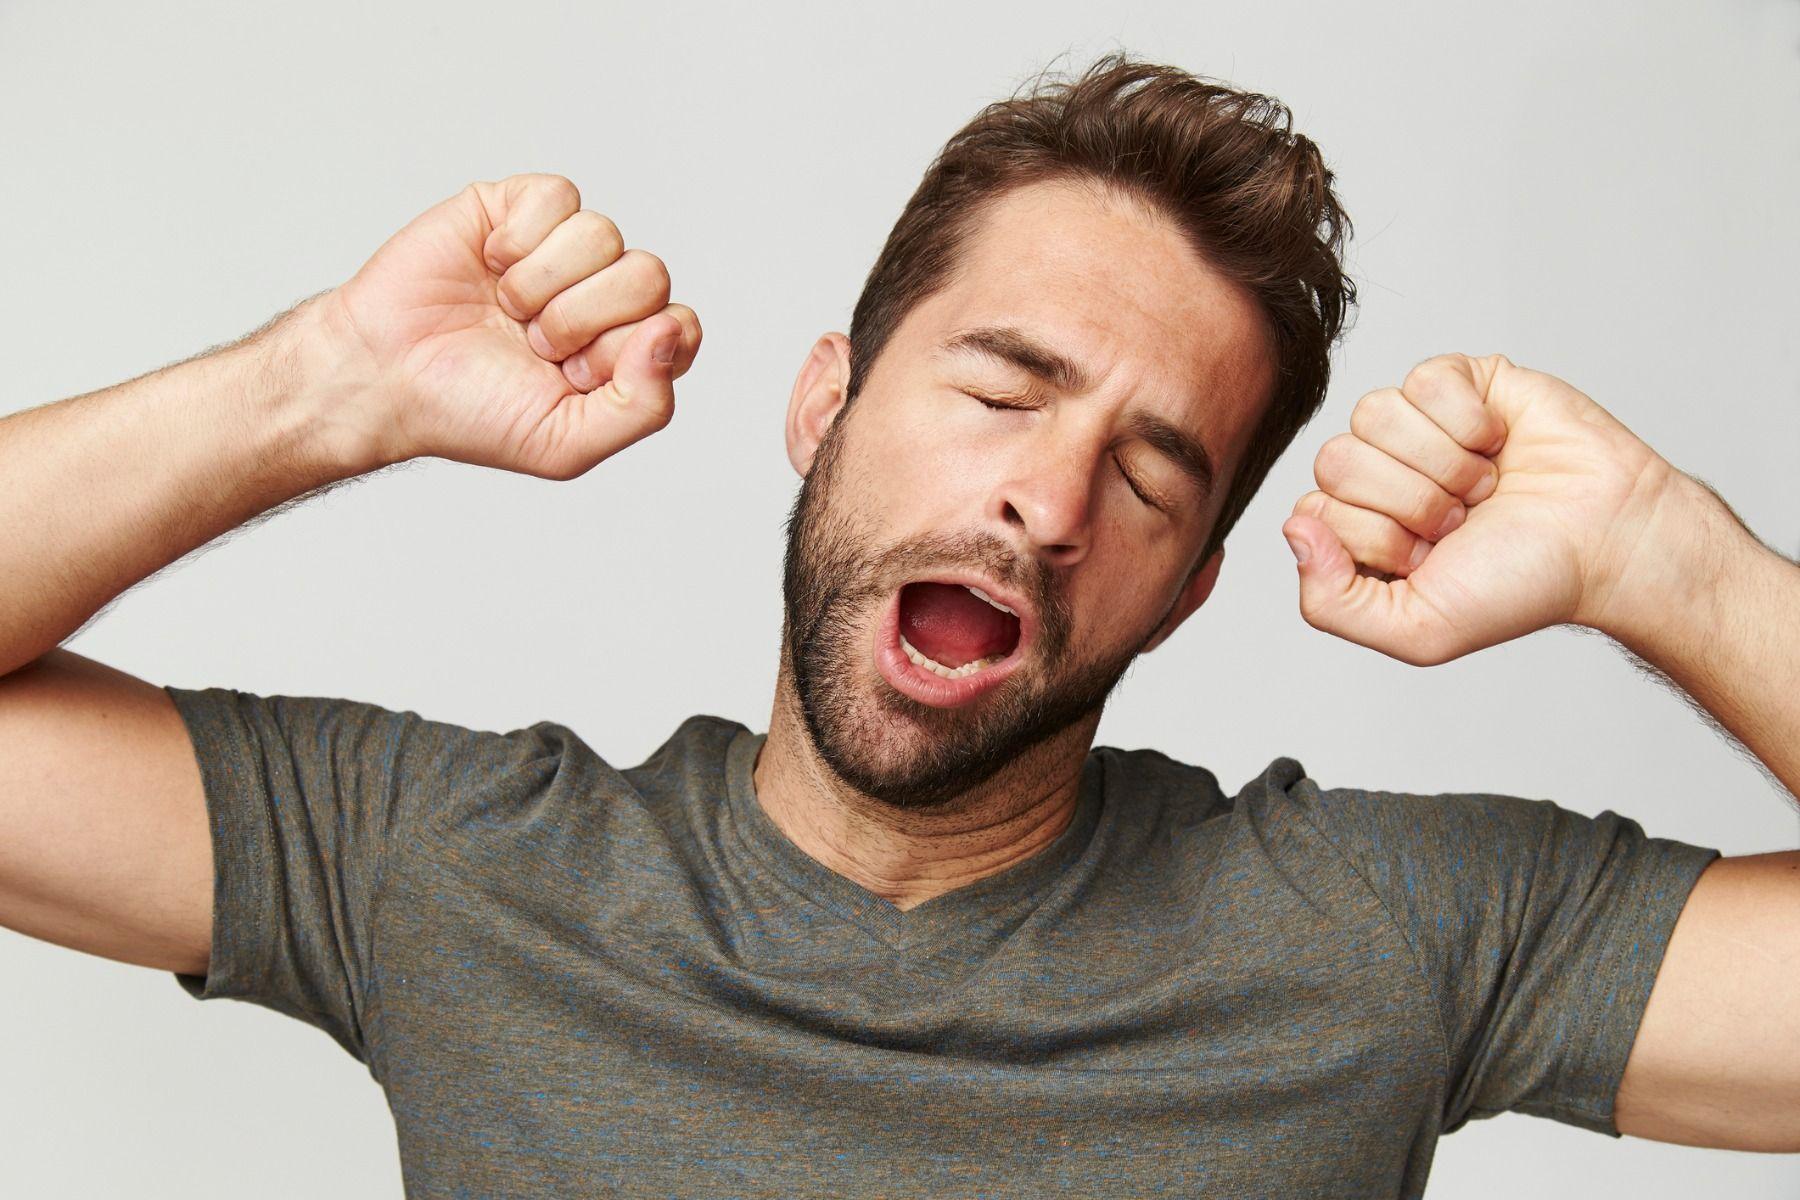 fehérjehiány esetén folyamatos fáradtságérzet áll fenn